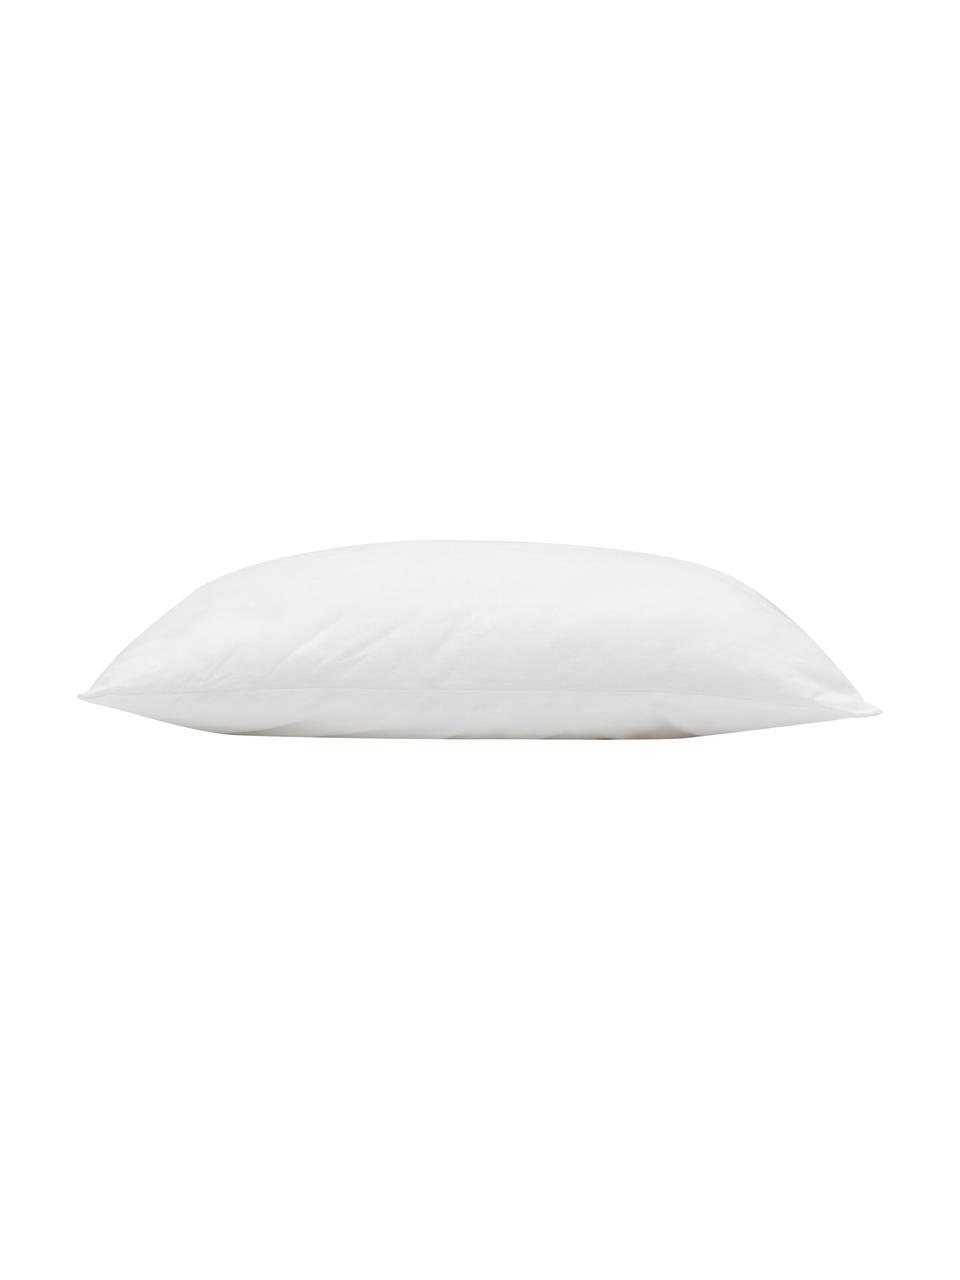 Kissen-Inlett Sia, 50x50, Microfaser-Füllung, Hülle: 100% Baumwolle, Weiß, 50 x 50 cm